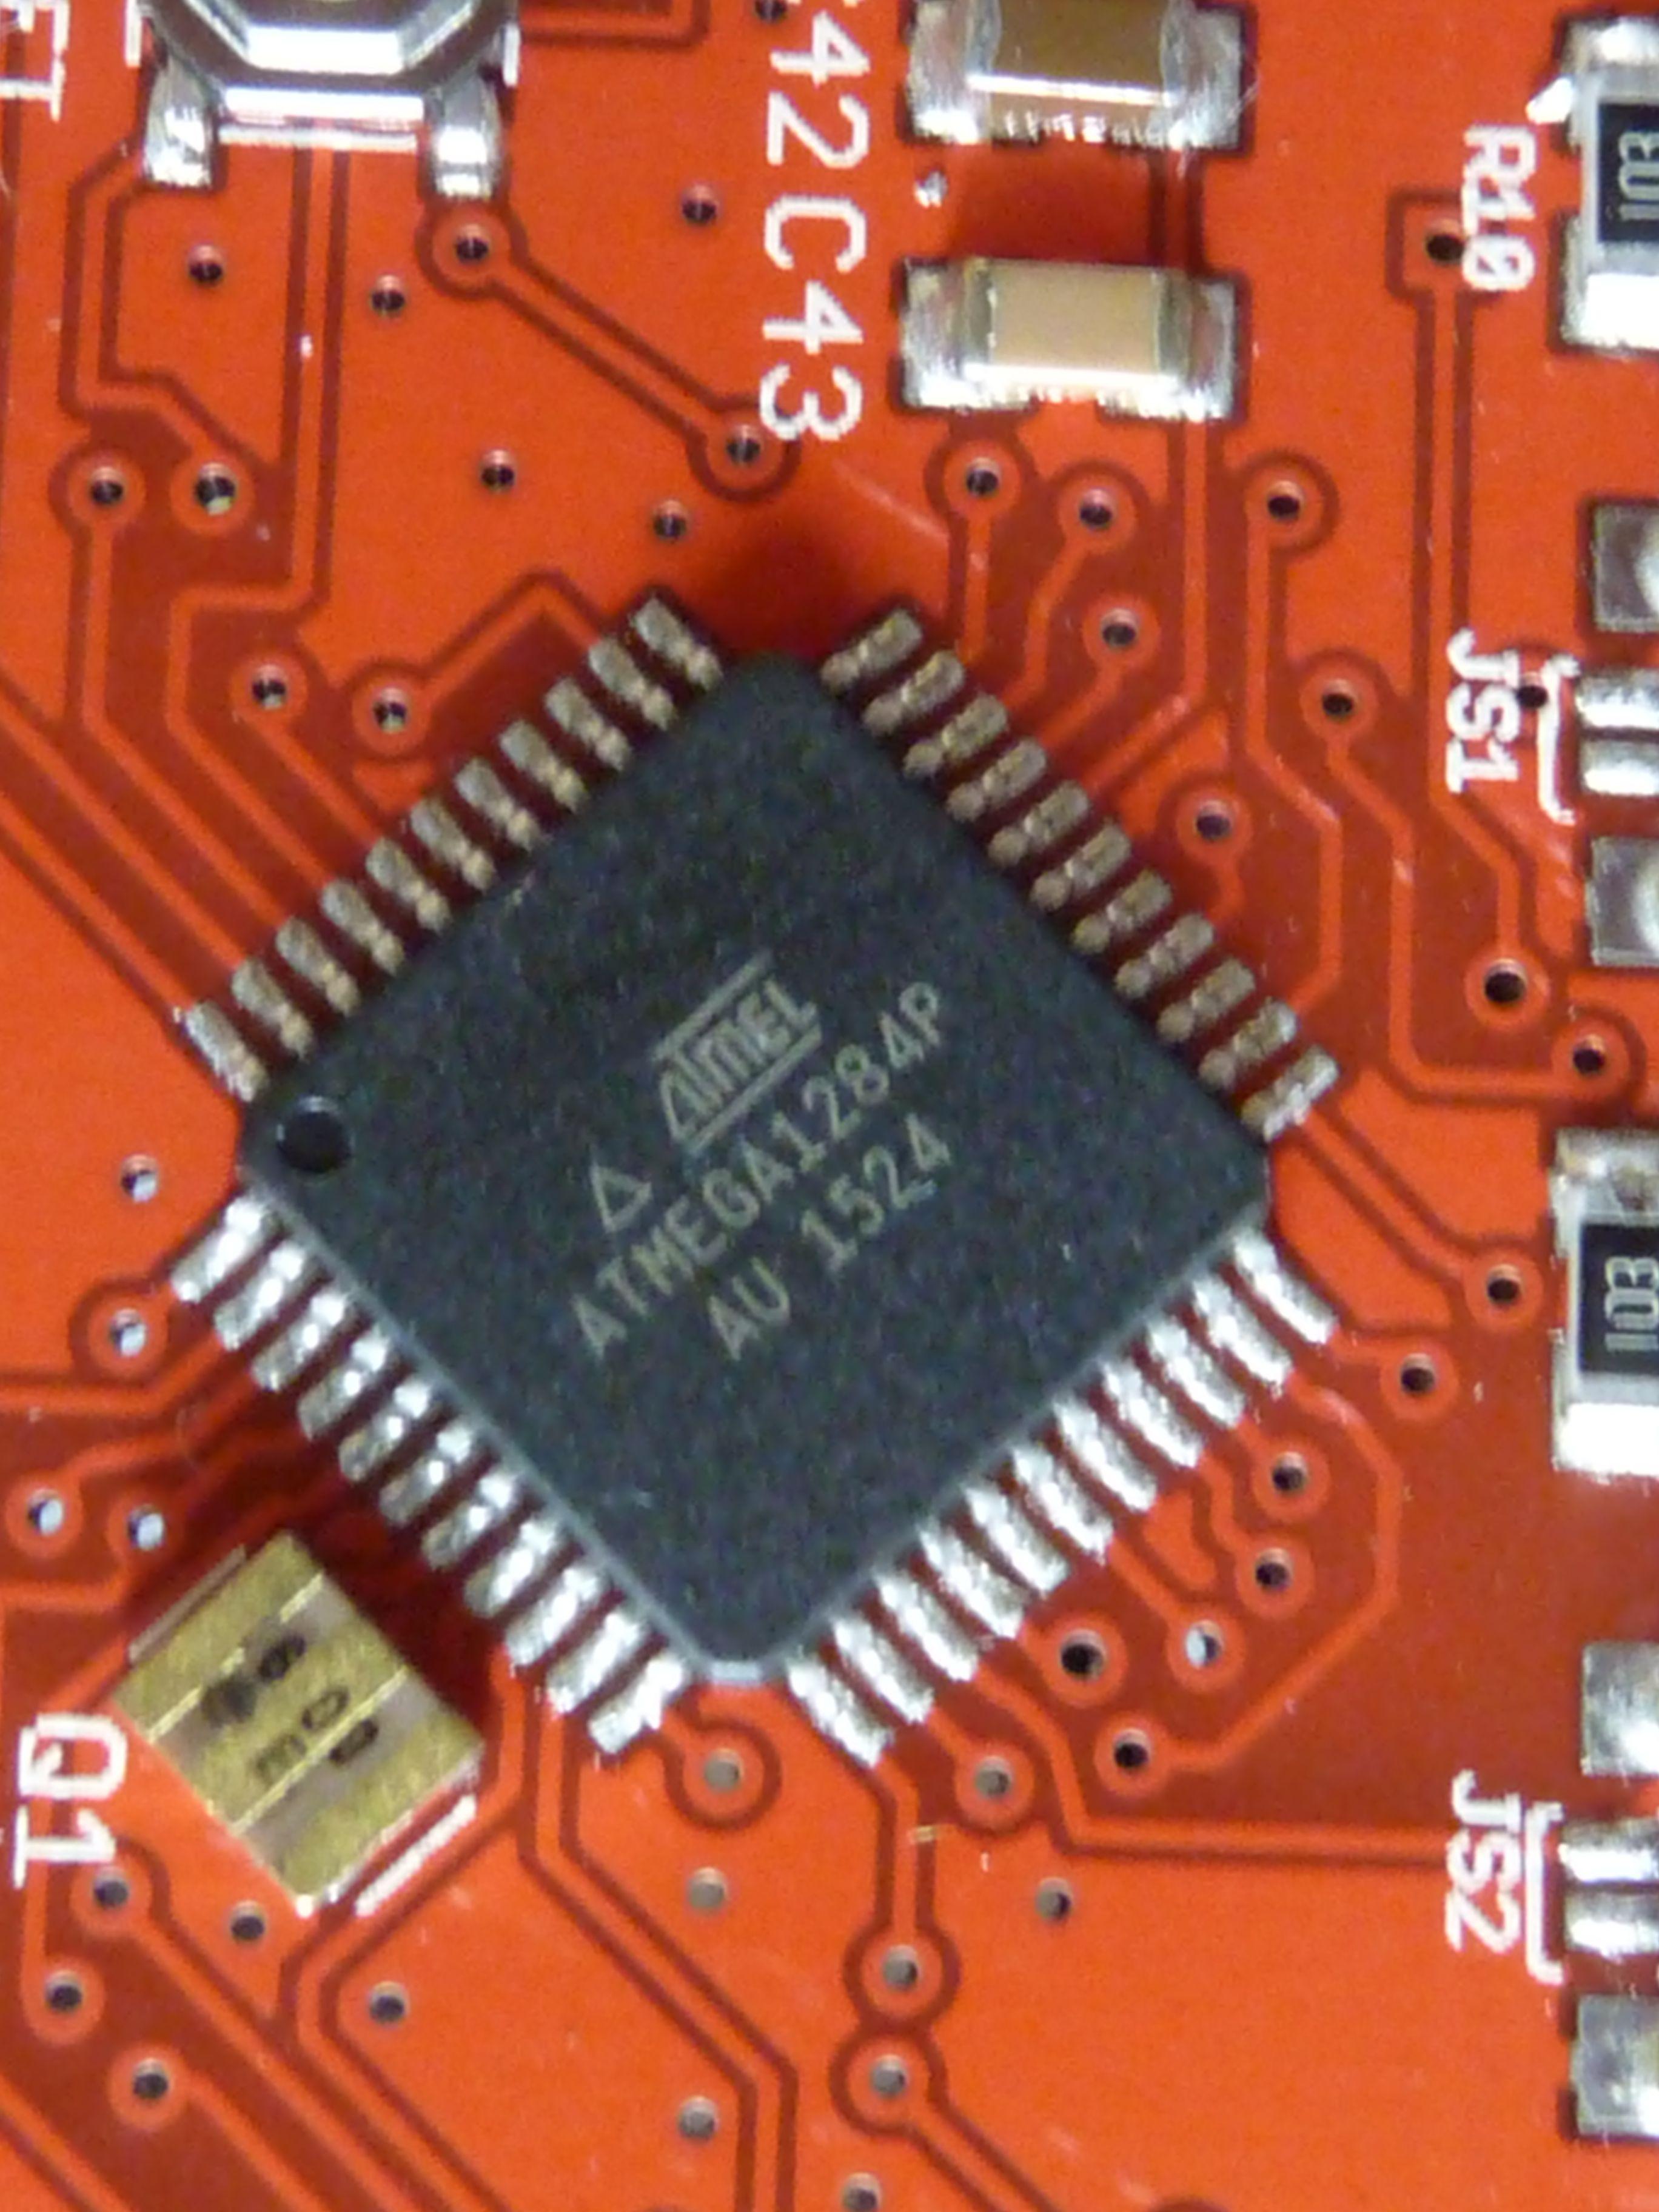 ATMEGA1284P-AU Application board